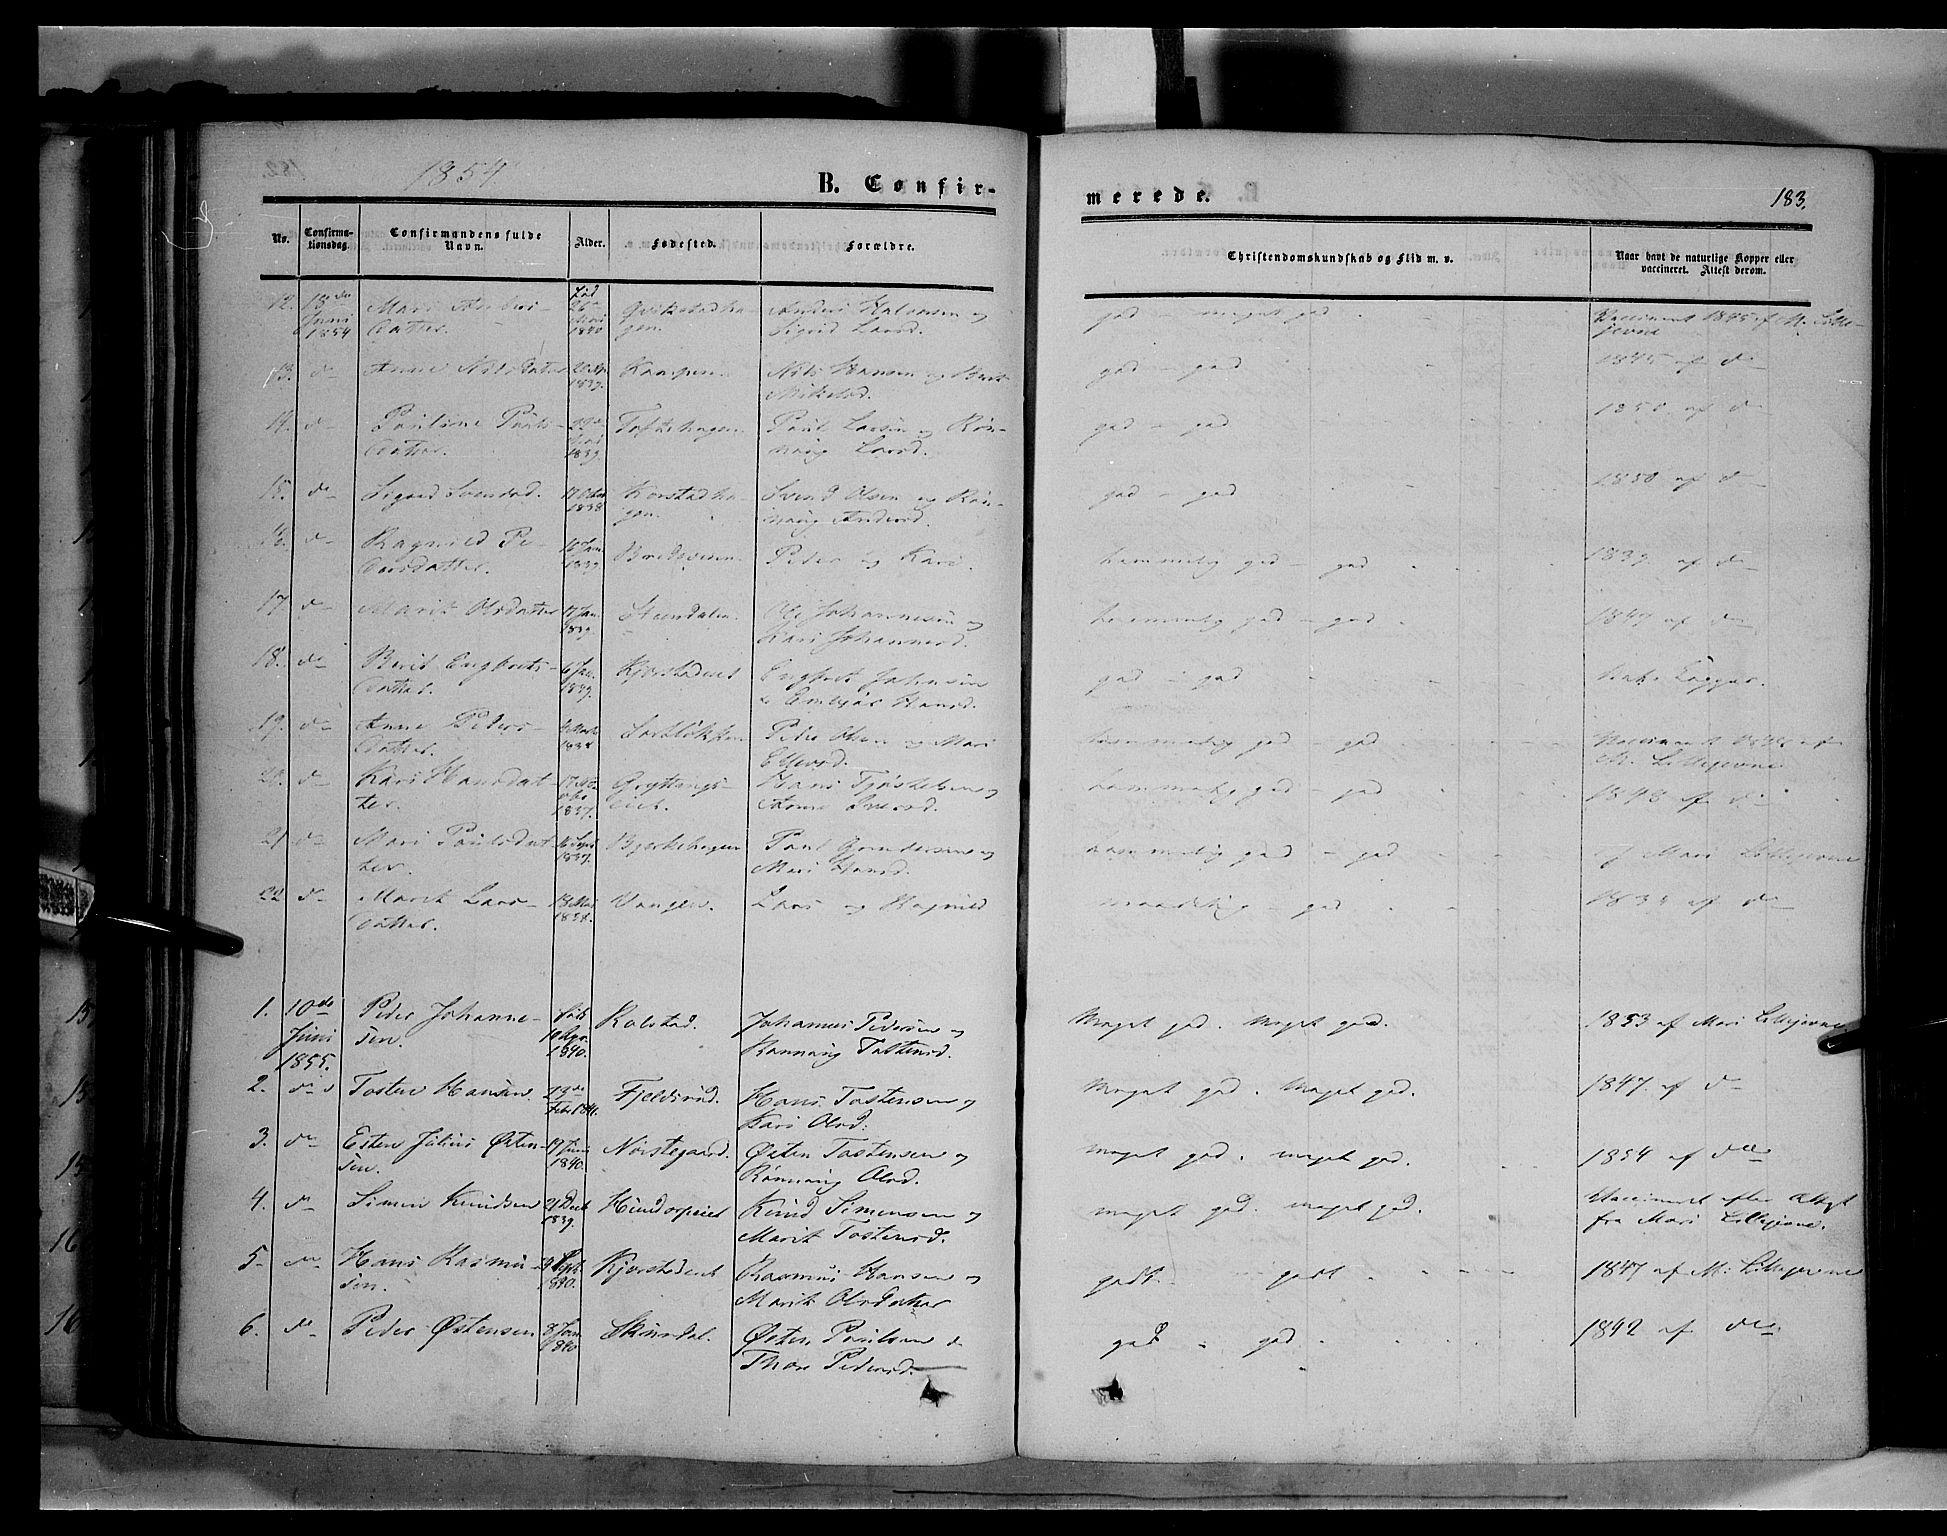 SAH, Sør-Fron prestekontor, H/Ha/Haa/L0001: Ministerialbok nr. 1, 1849-1863, s. 183